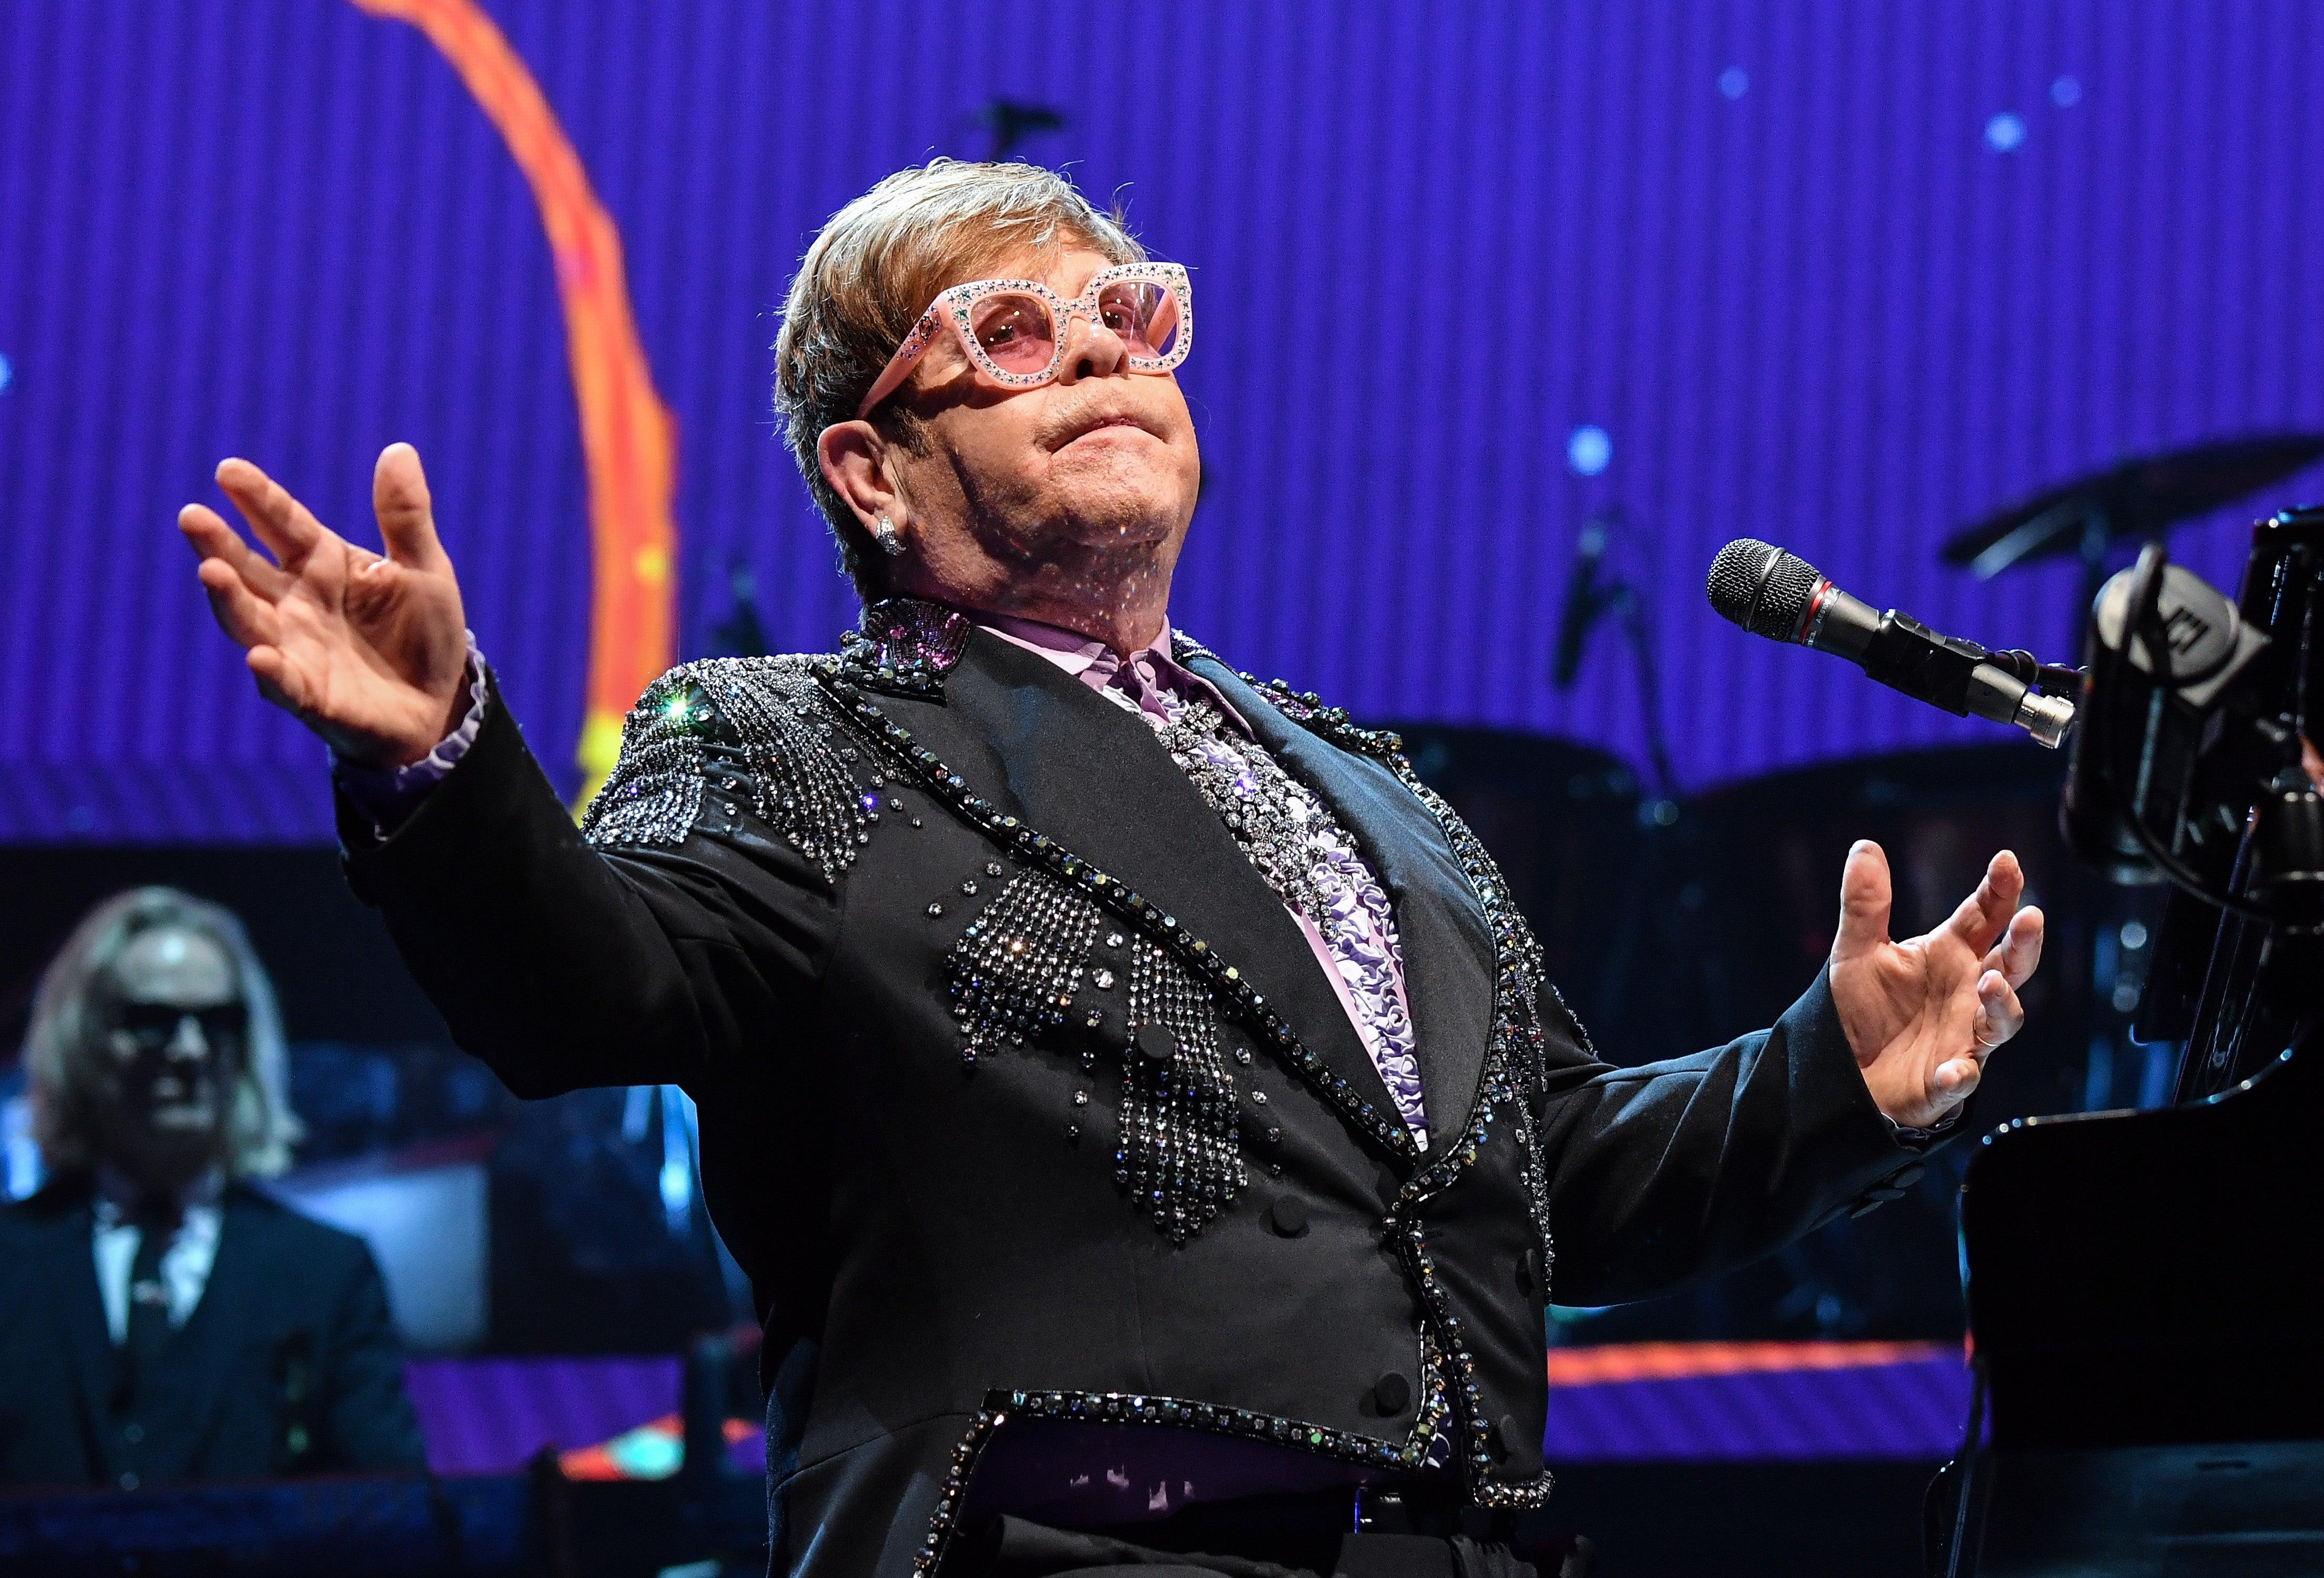 Elton_John_Concert_20190119_BM_0130.jpg